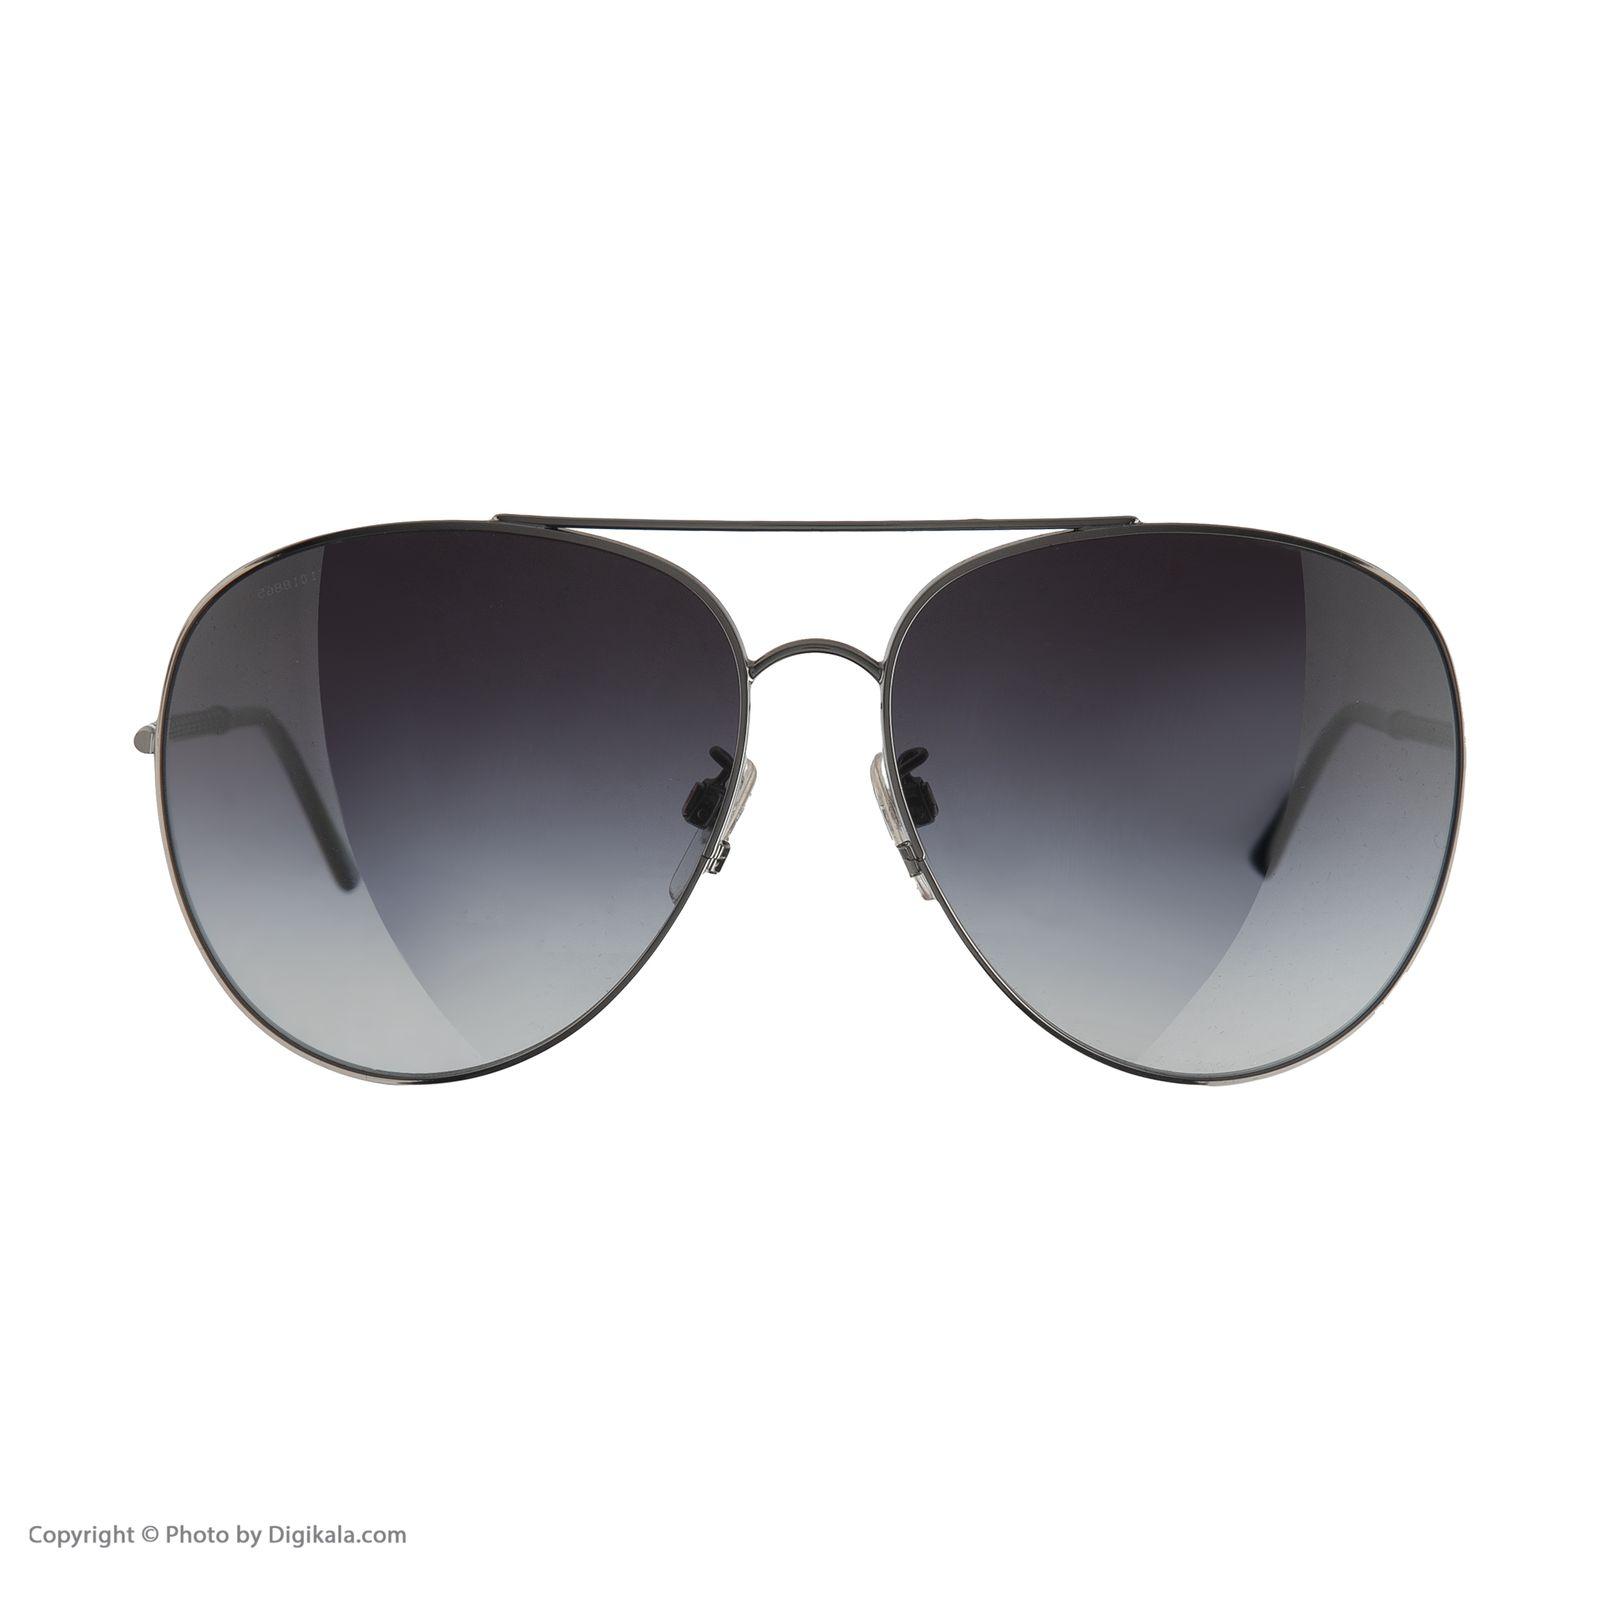 عینک آفتابی زنانه بربری مدل BE 3051S 10068G 61 -  - 3